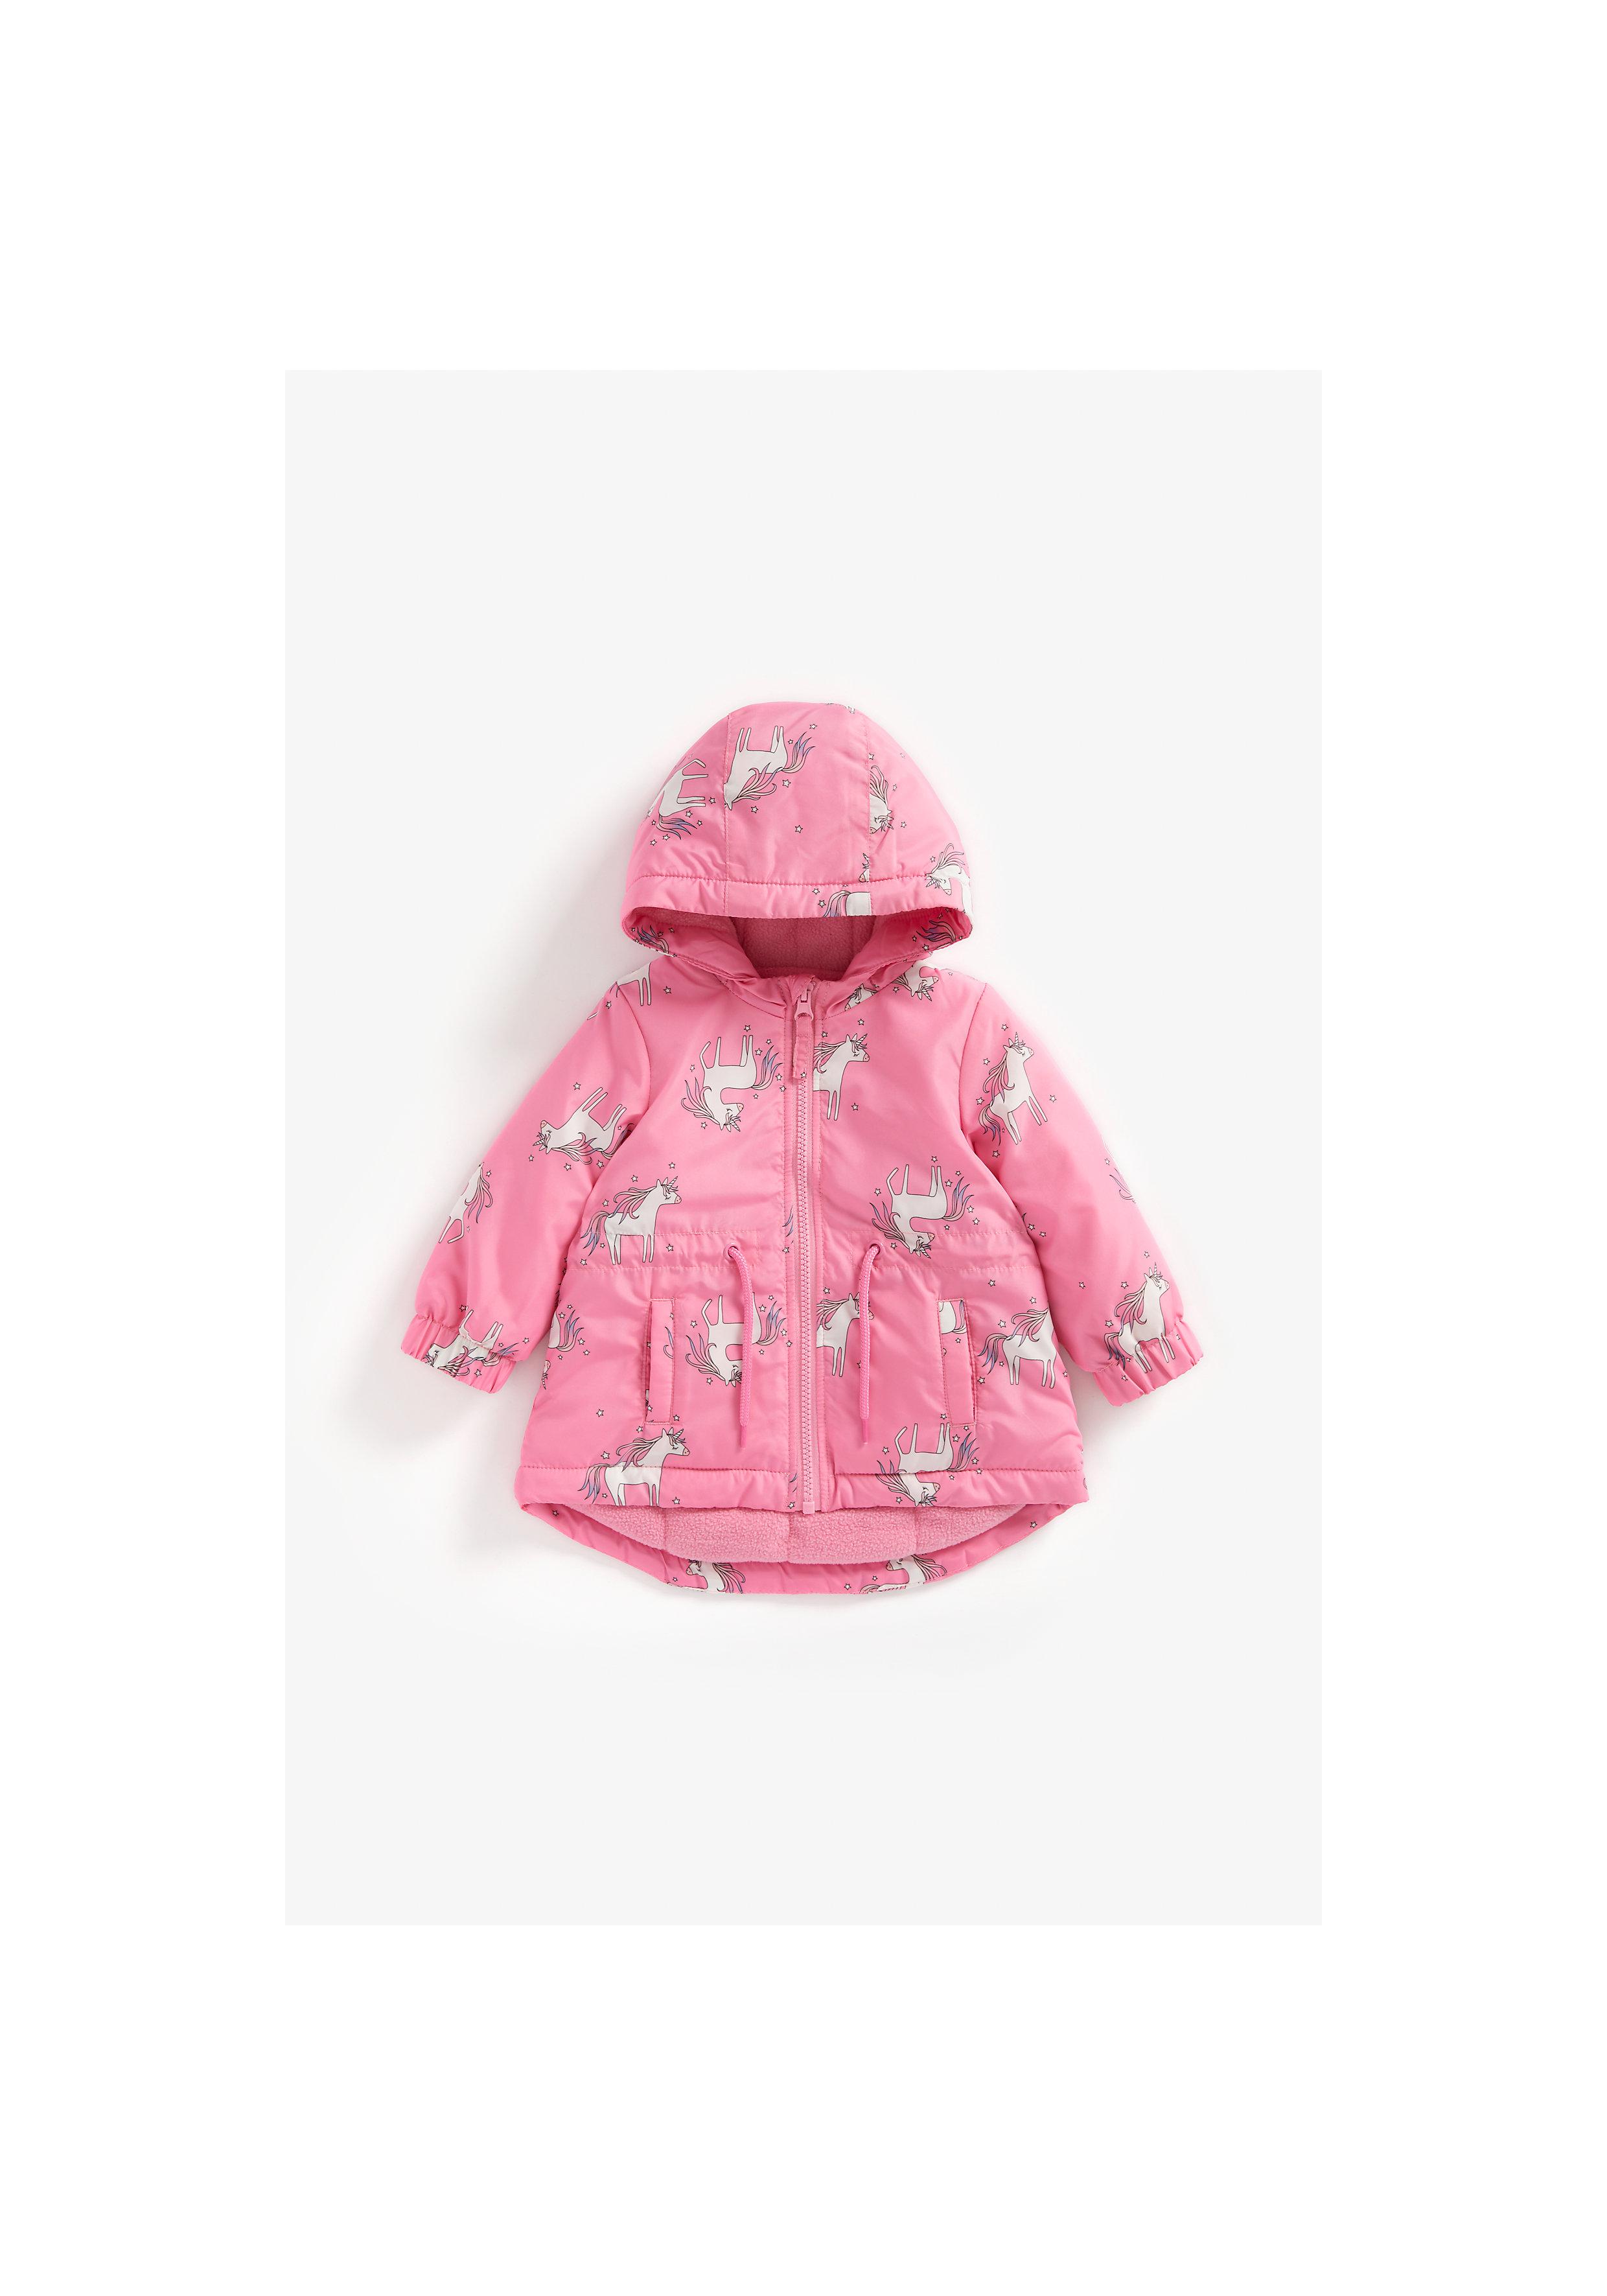 Mothercare | Girls Full Sleeves Fleece Lined Jacket Unicorn Print - Pink